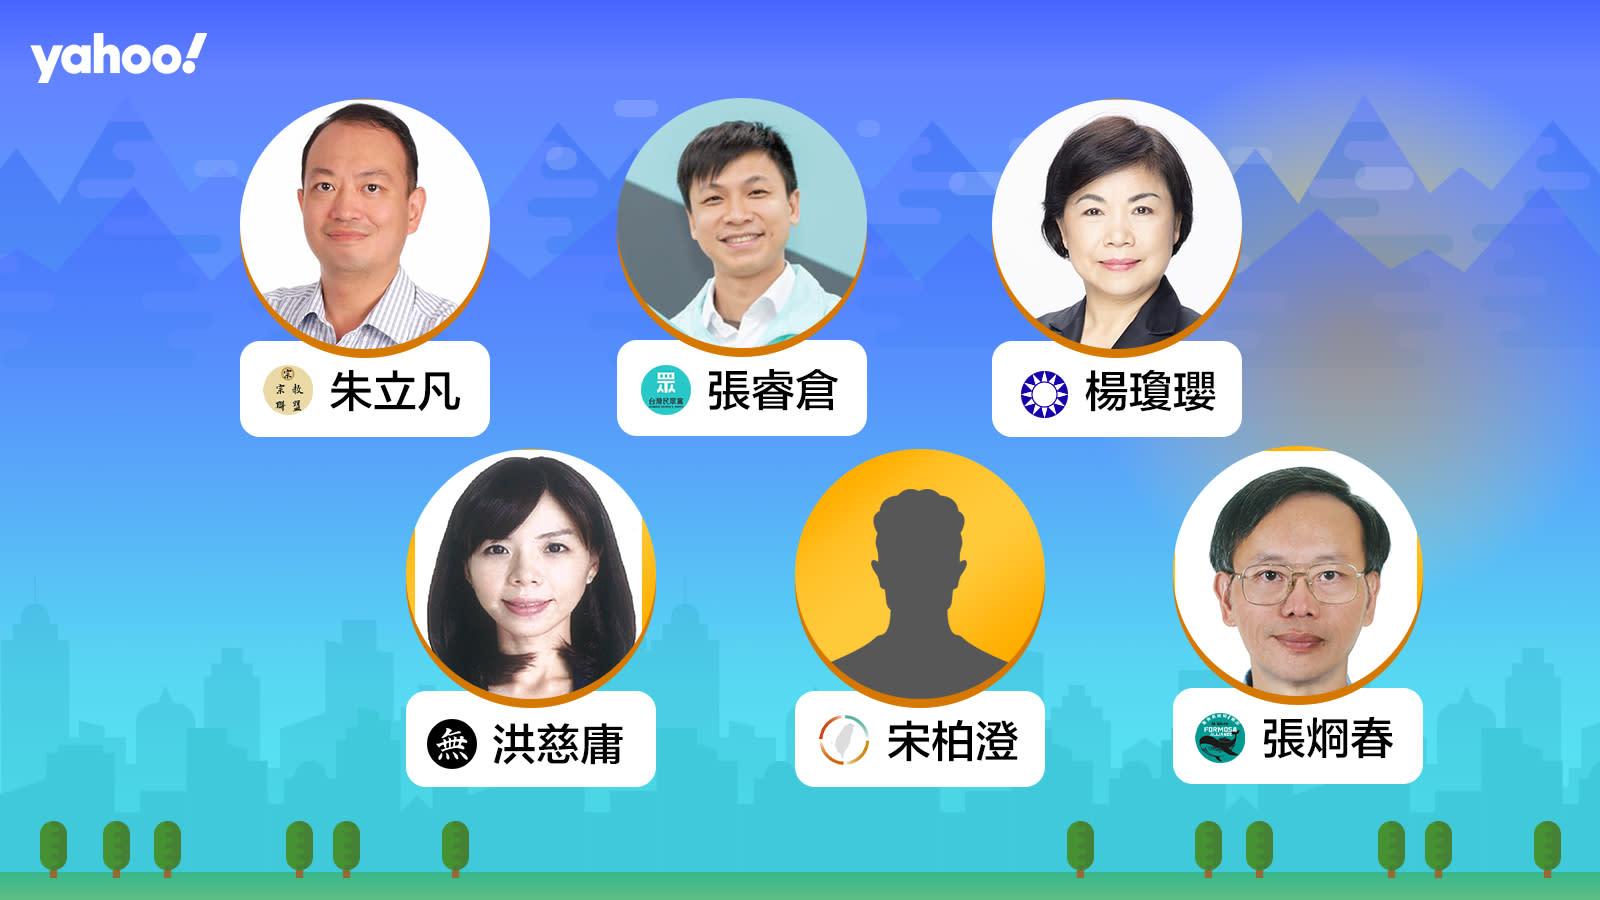 2020立委選舉台中市第三選區(后里,神岡,潭子,大雅),你支持誰?